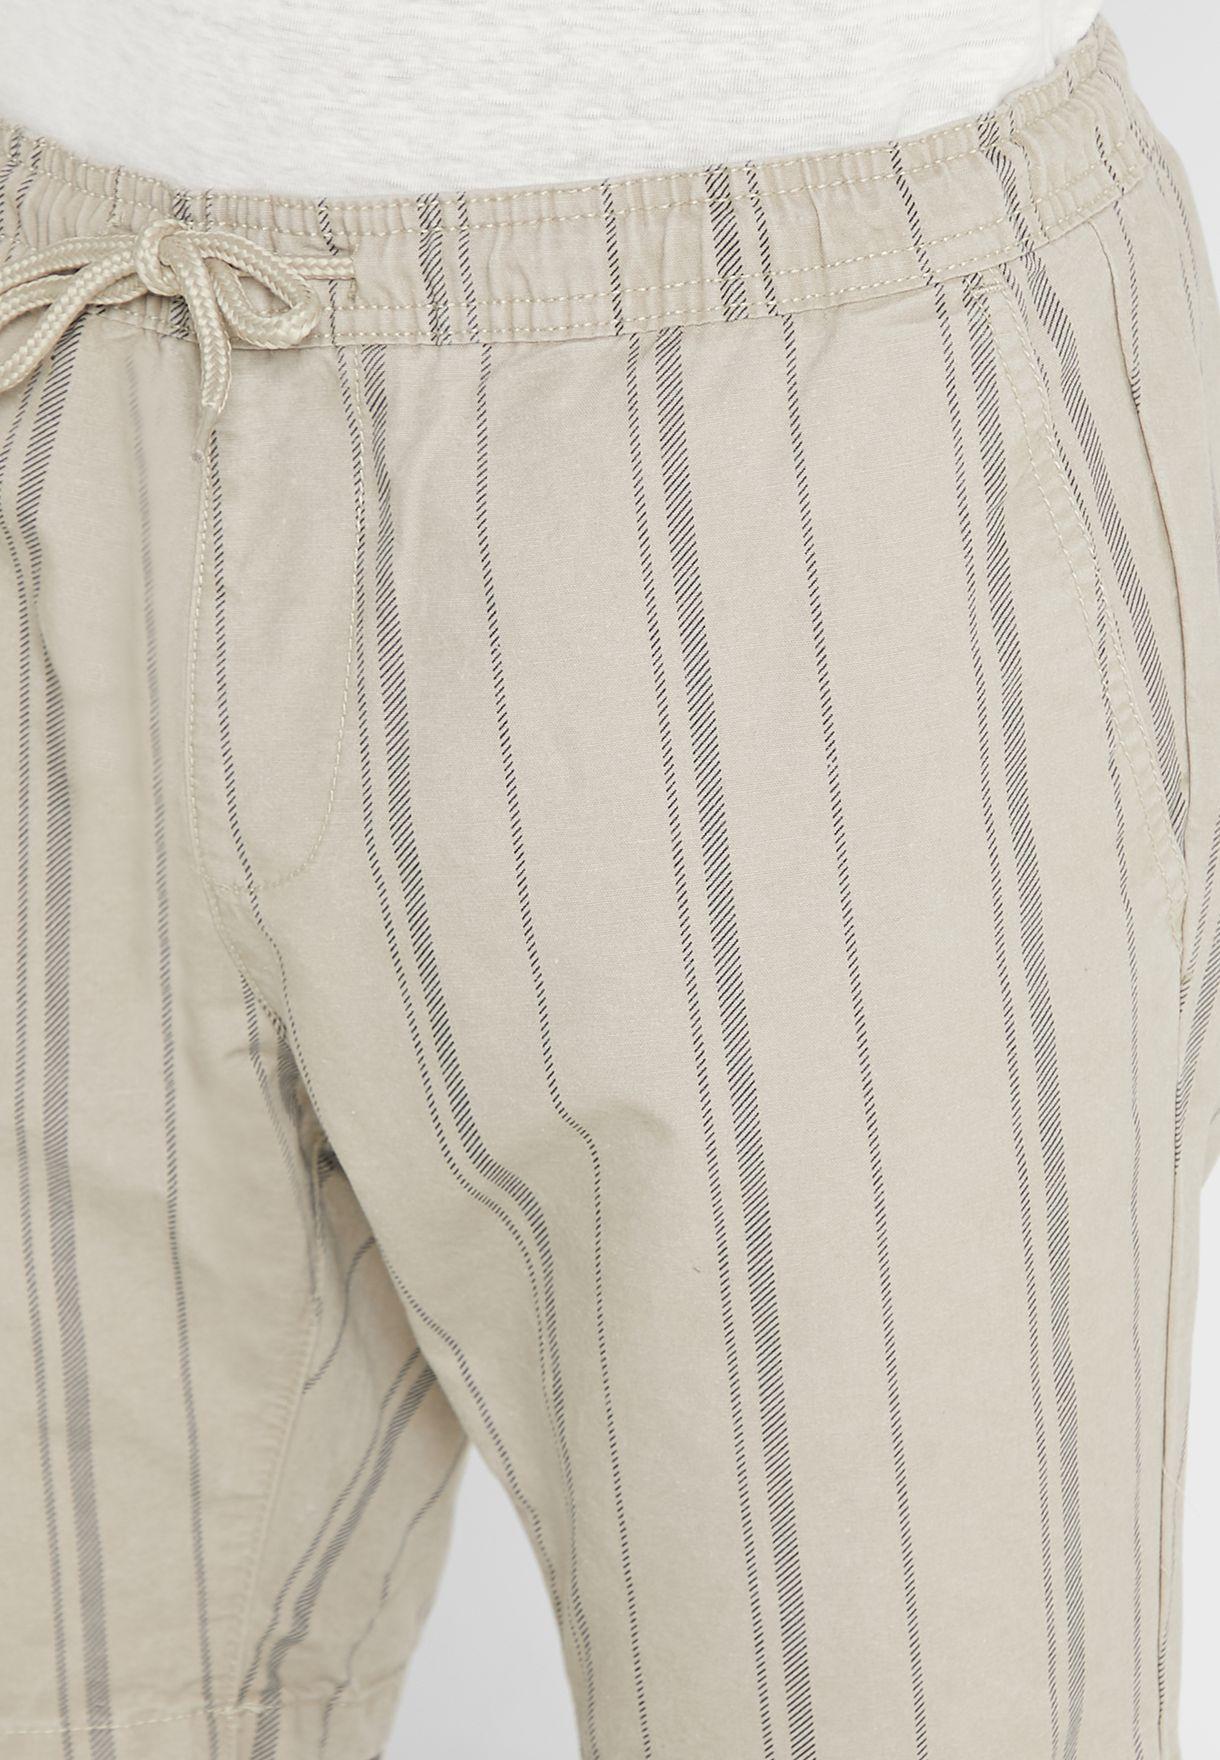 Striped Turn Up Hem Shorts